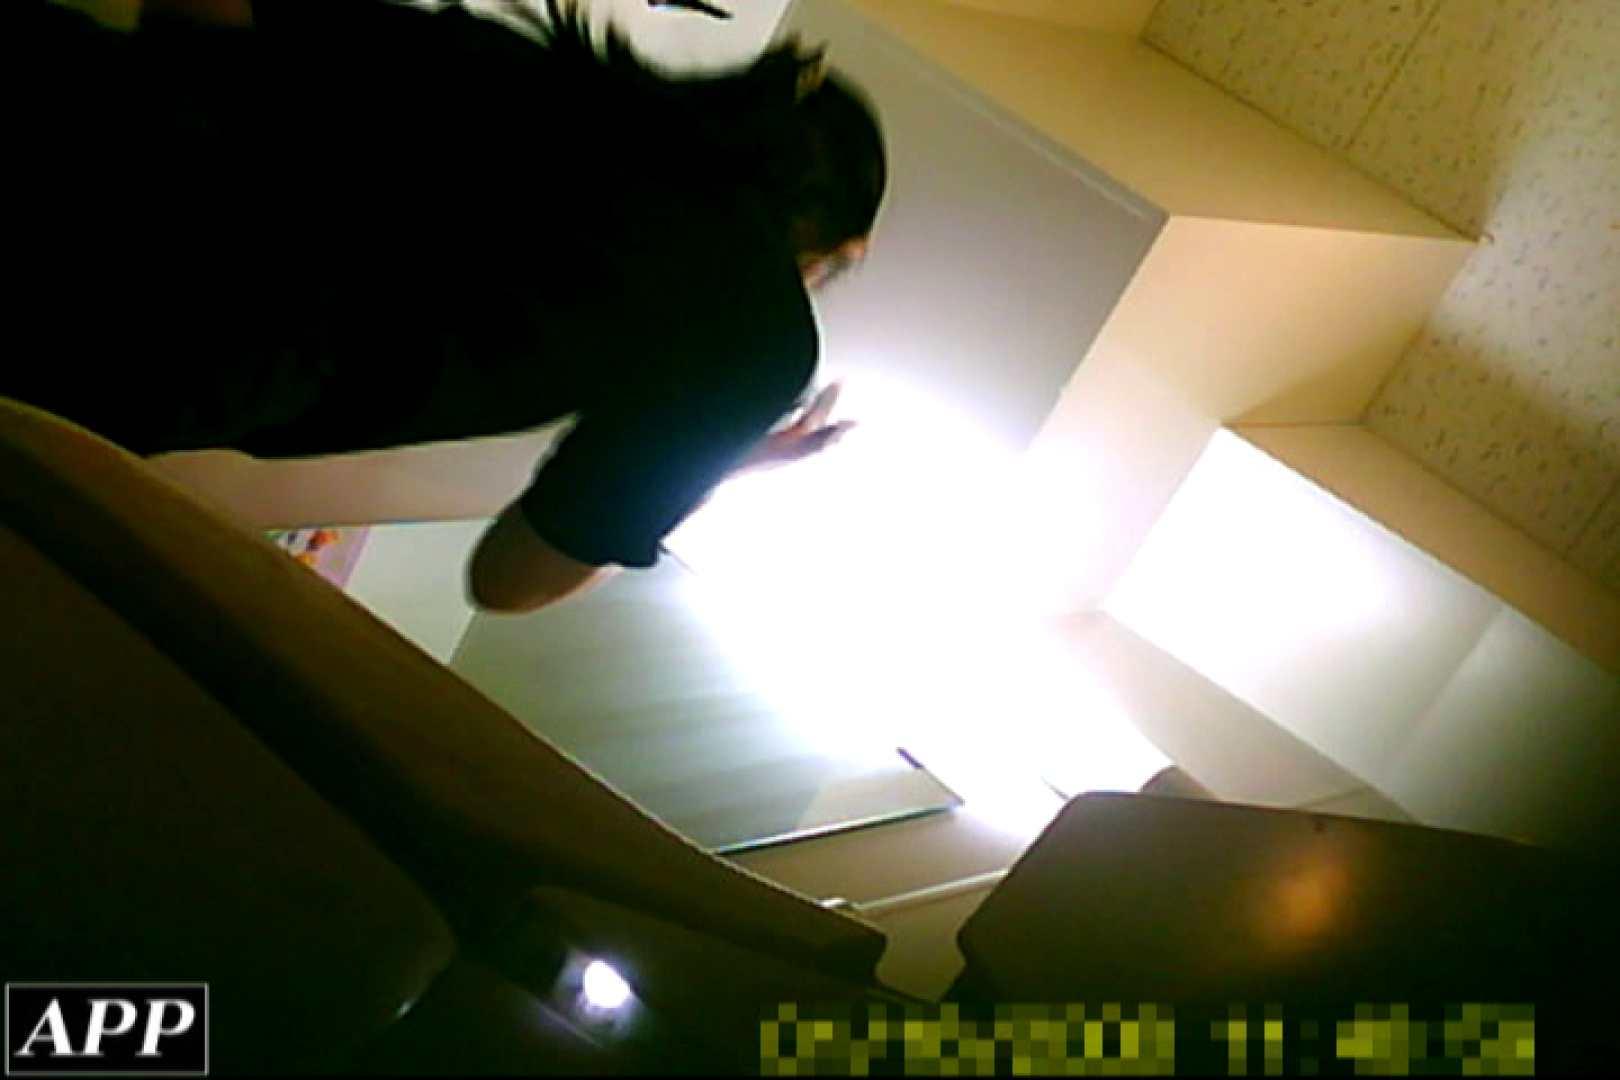 3視点洗面所 vol.127 洗面所 | 盗撮で悶絶  61画像 57